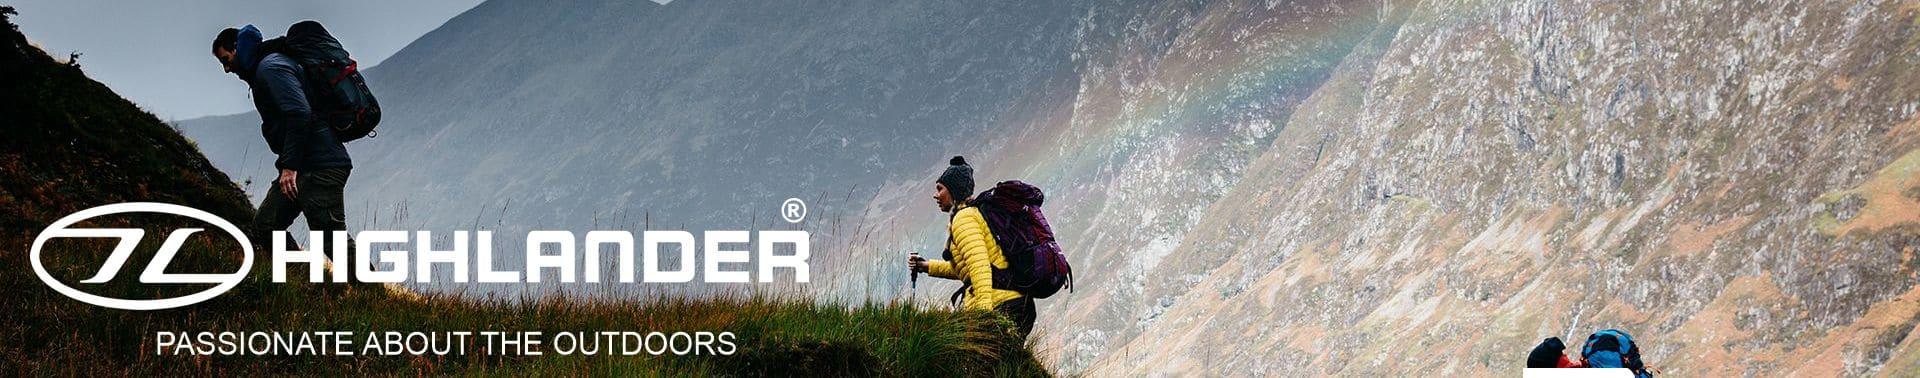 highlander-south-africa